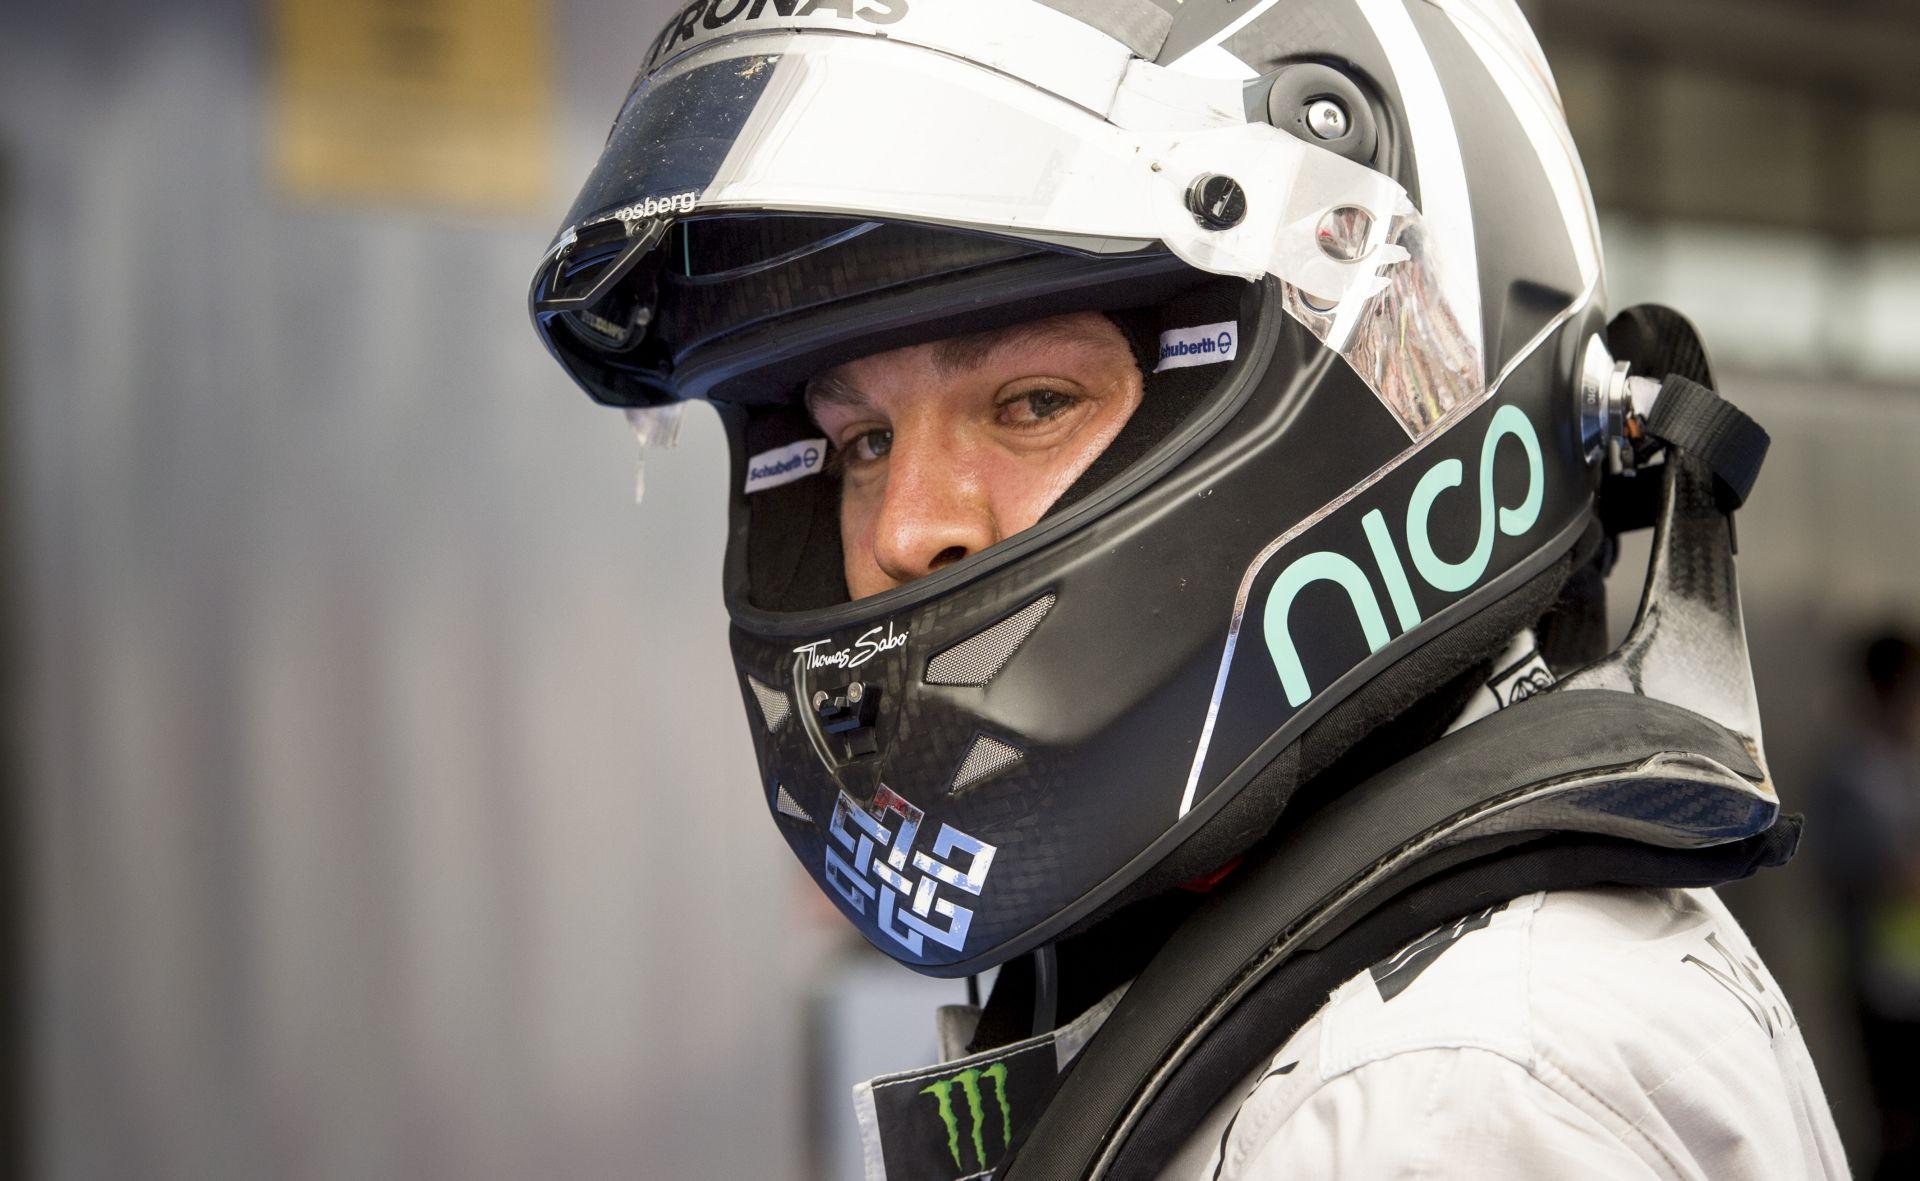 """Rosberg: Sajnos ez a """"trombita"""" semmin sem változtatott! A hang ugyanolyan!"""